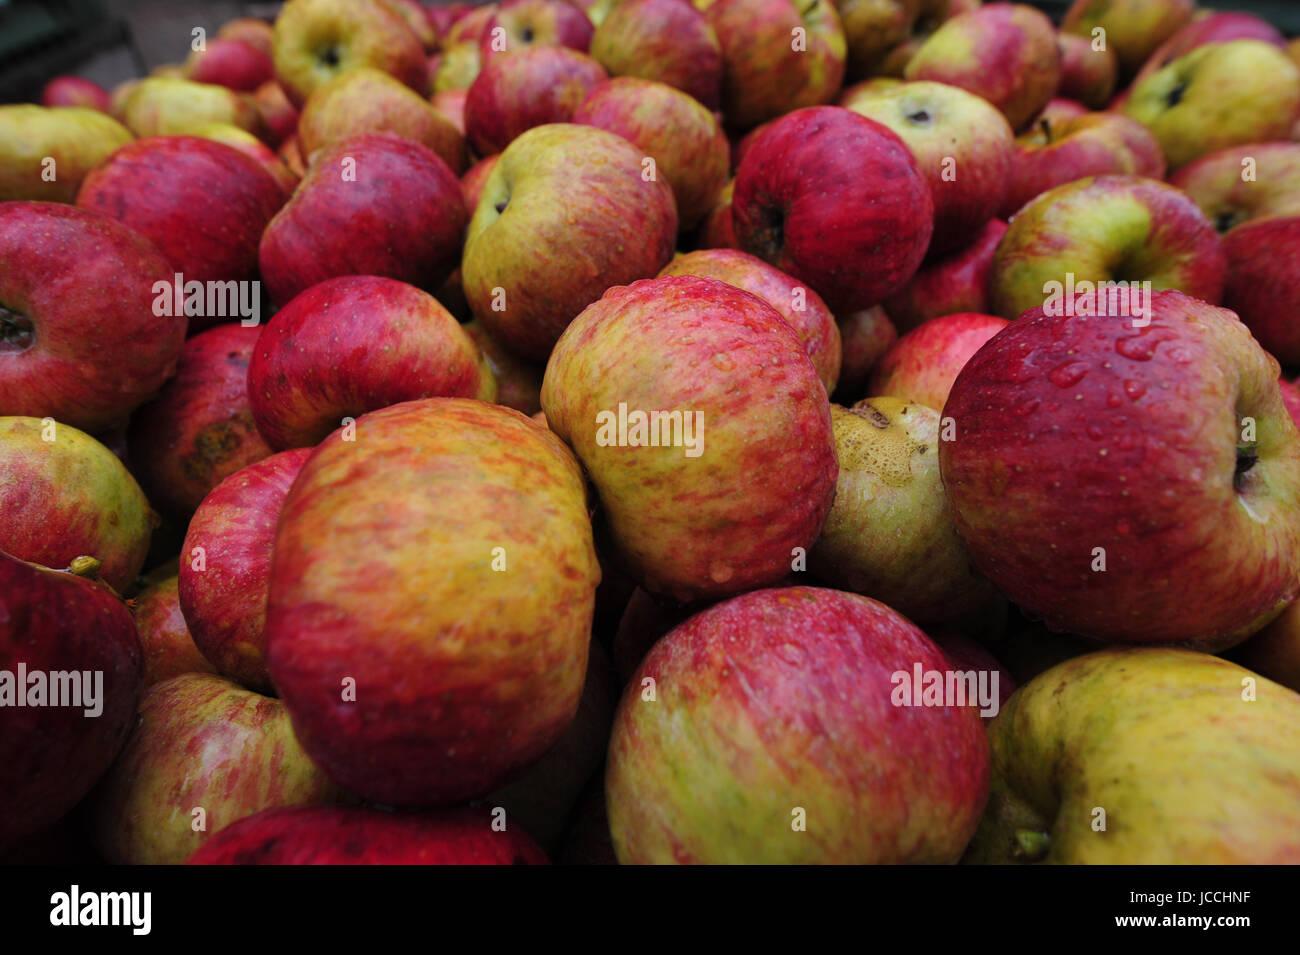 apfel,äpfel,obst,frucht,früchte,pflanzen Stock Photo